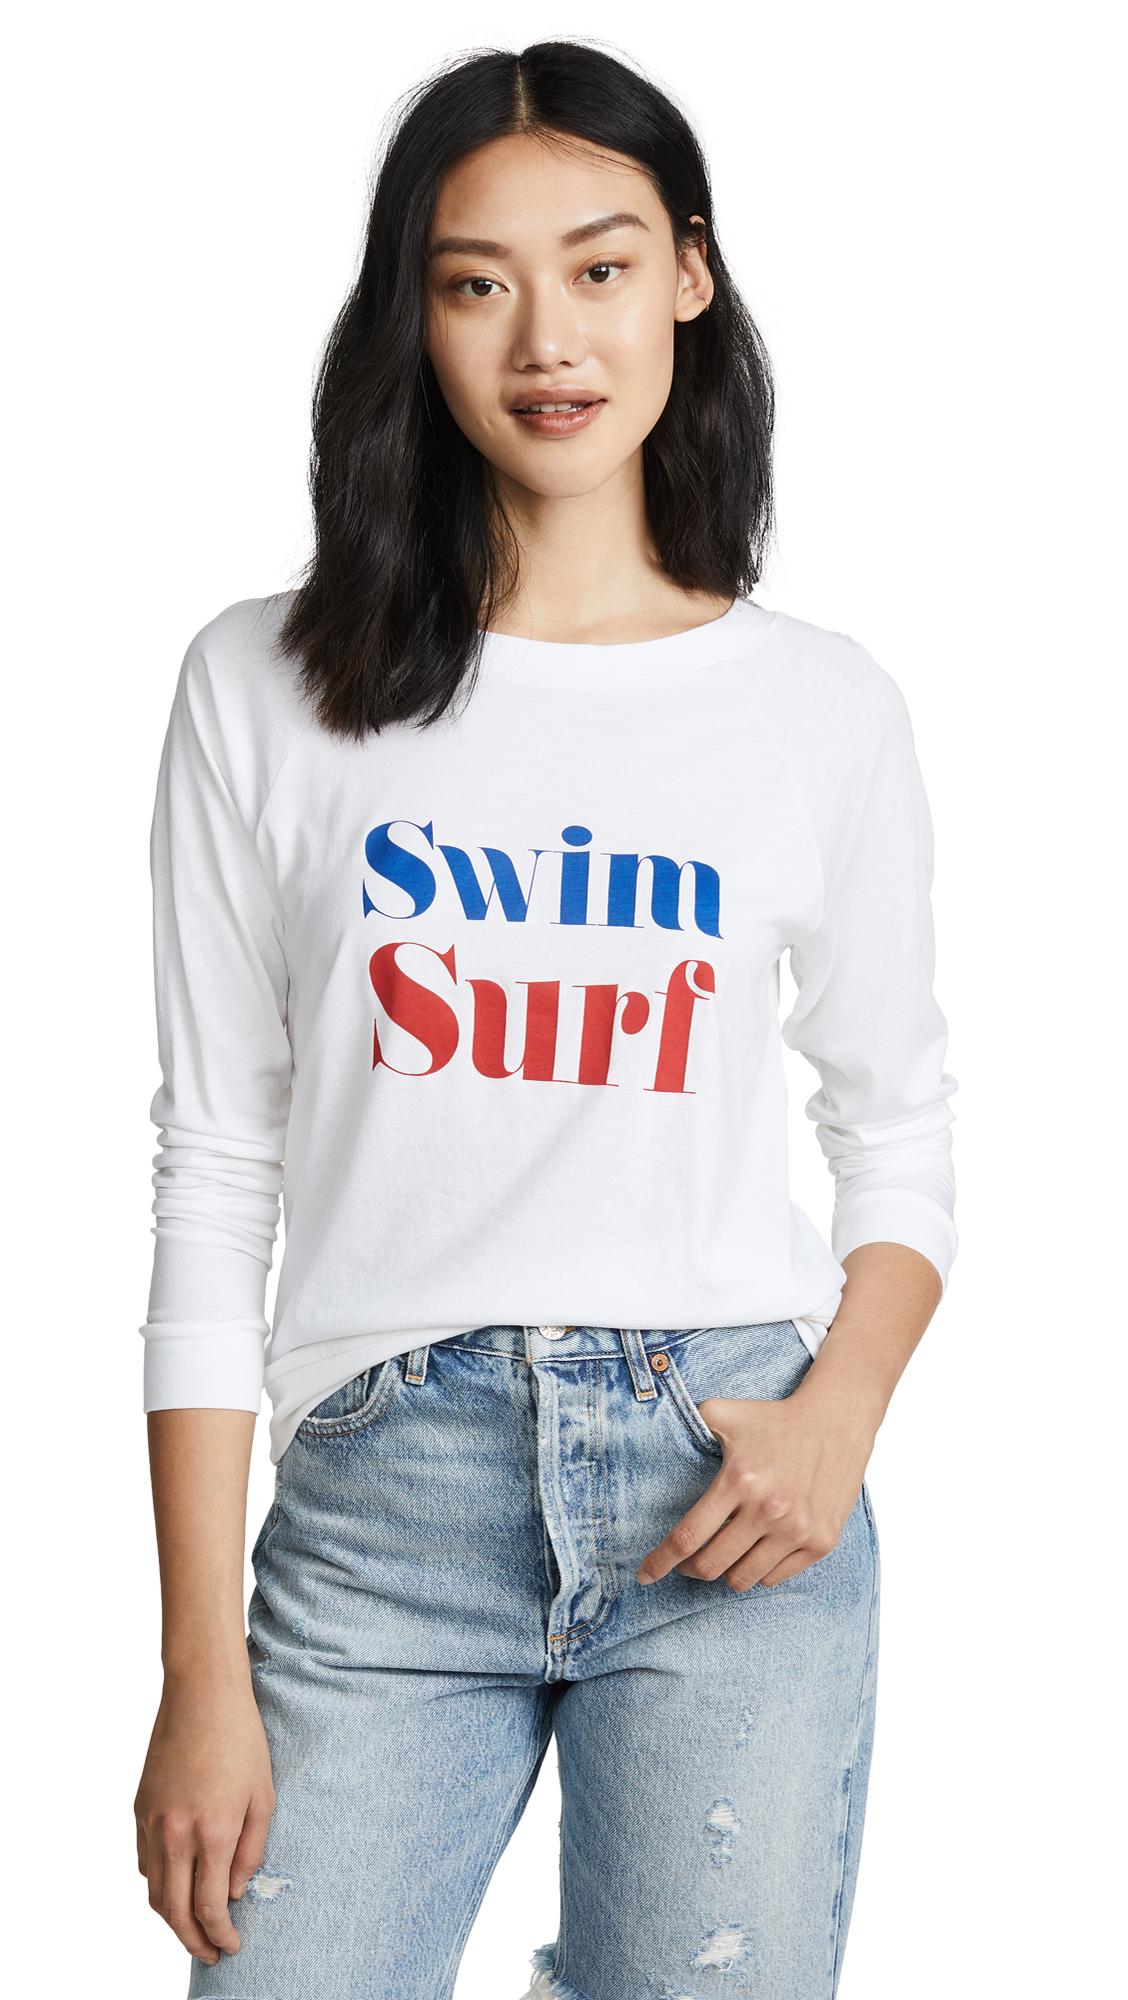 SWIM SURF TEE